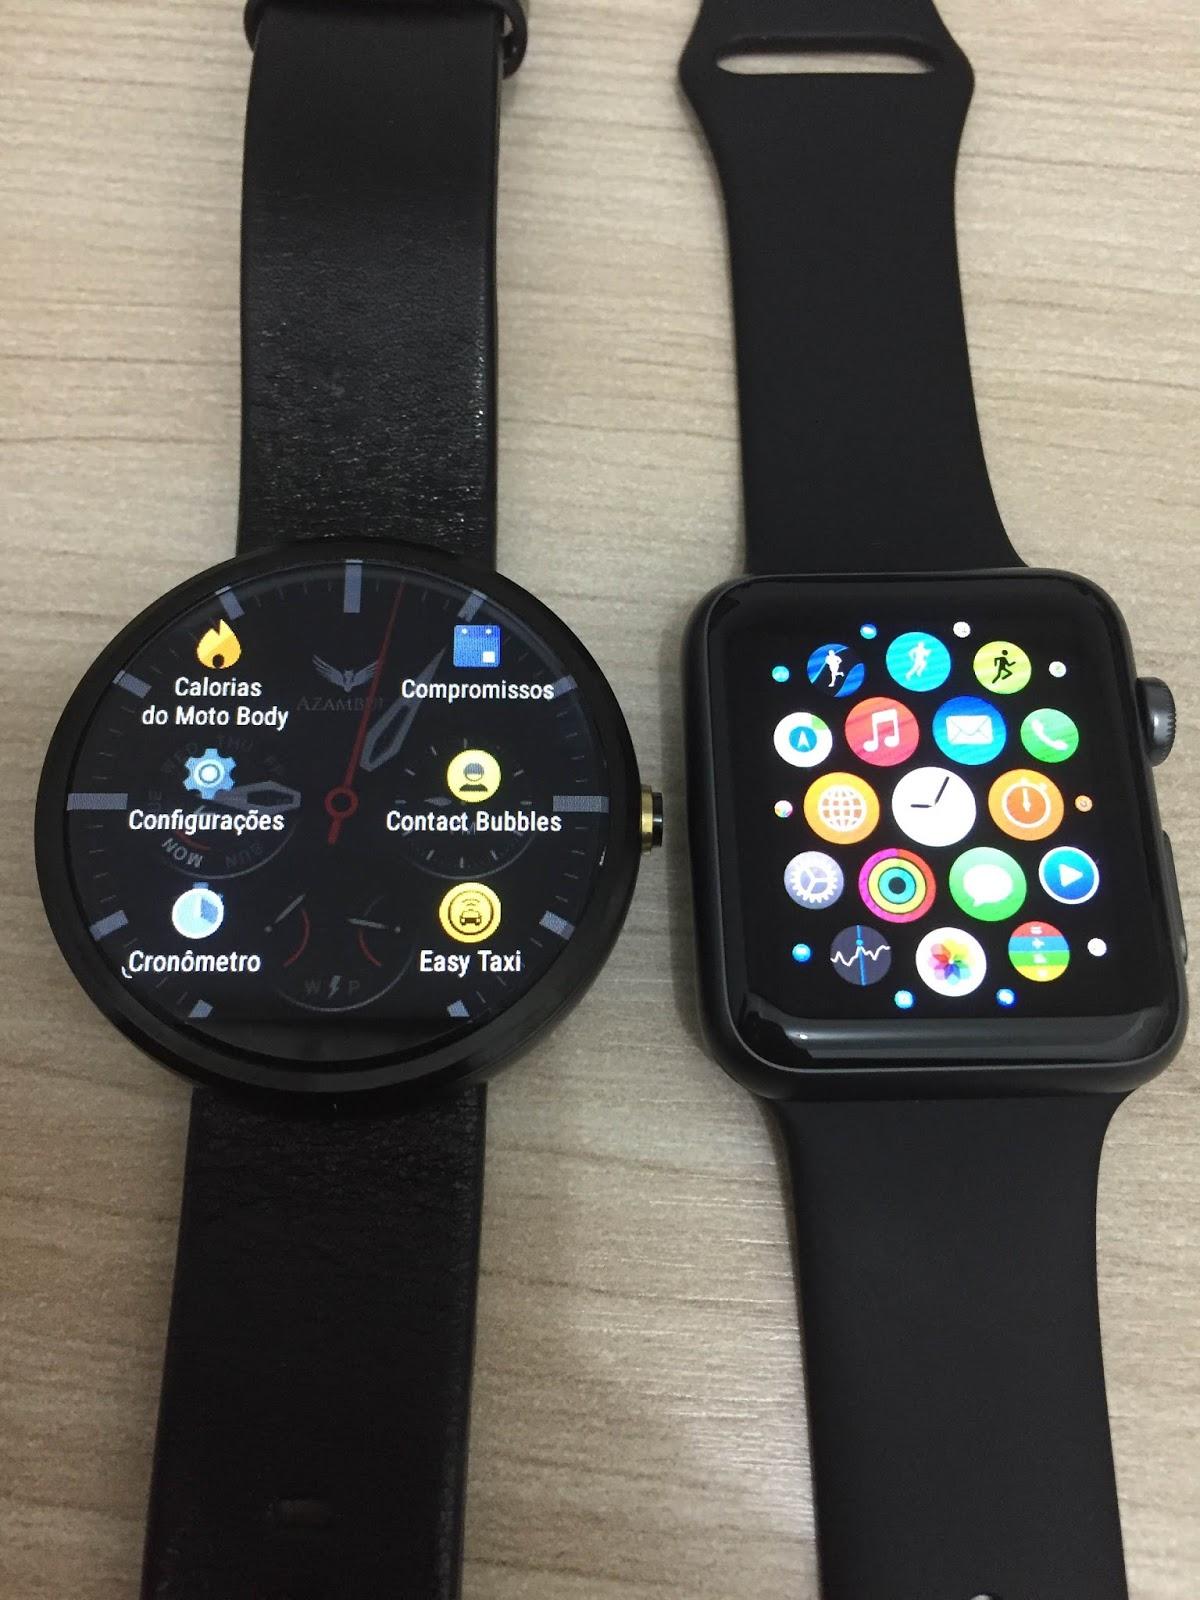 95fee6faa88 O medidor de batimentos cardíacos no Apple Watch é bem melhor que no Moto  360